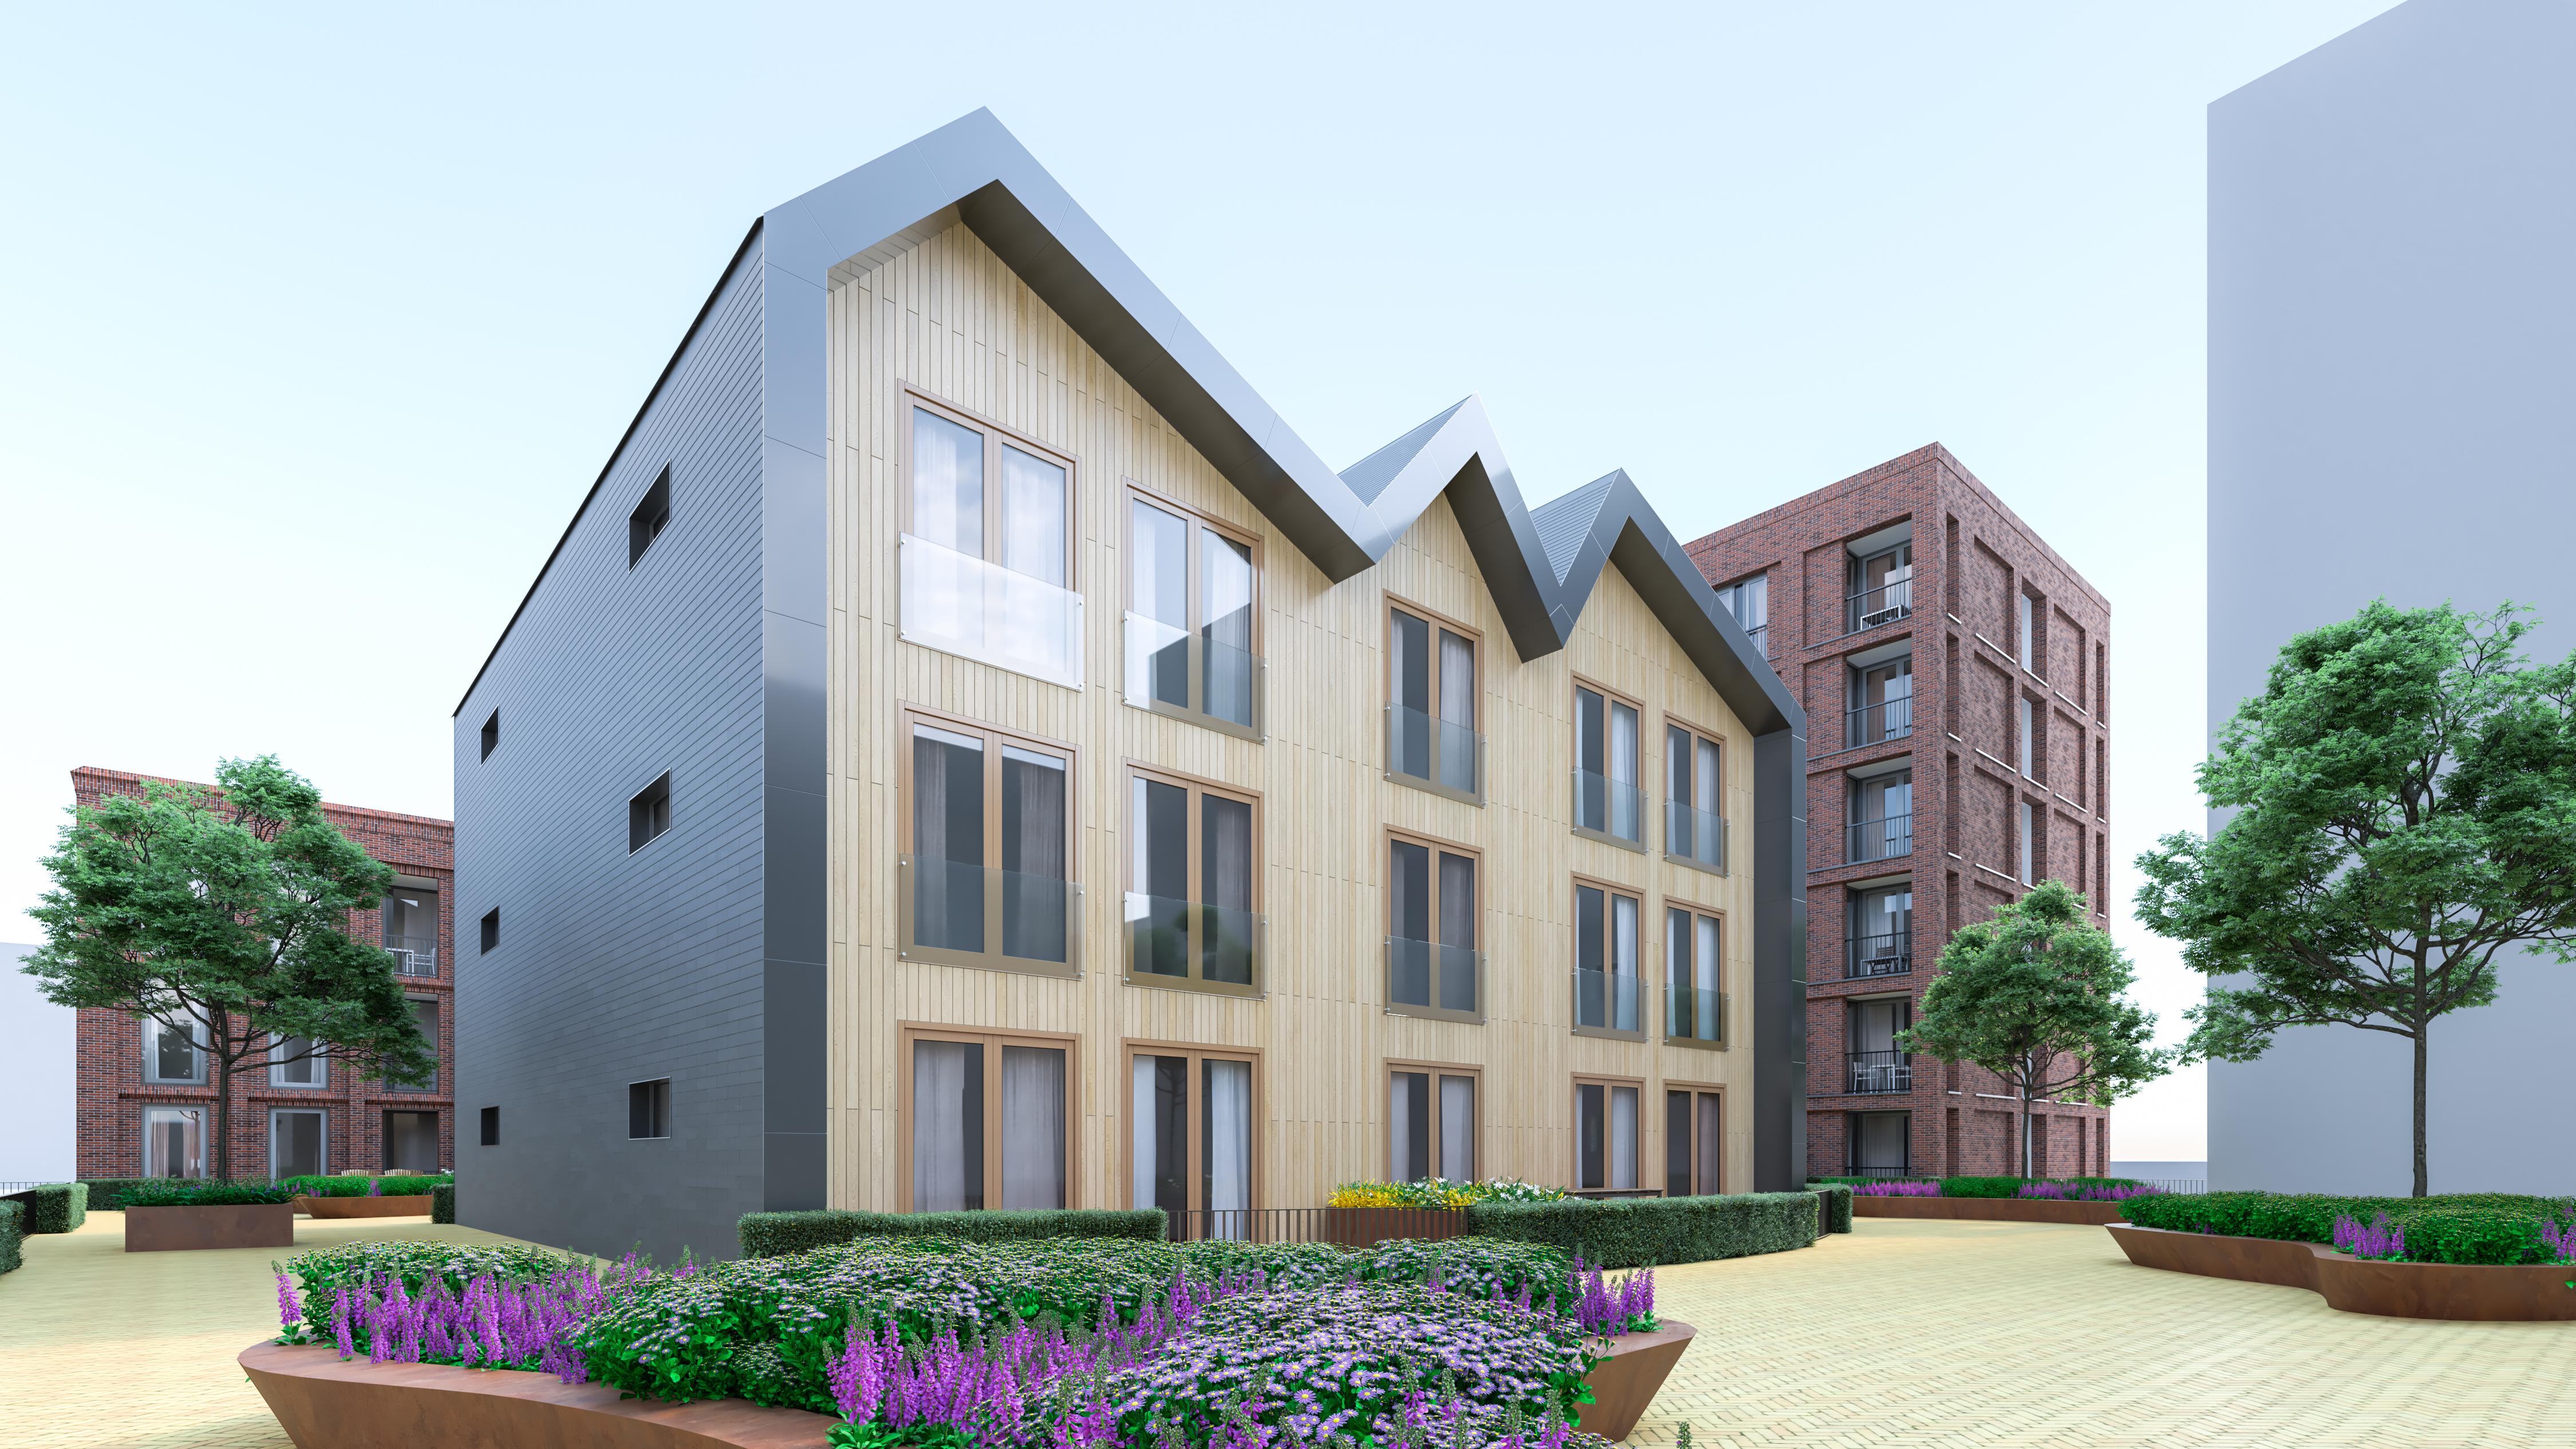 <p>De Loods Zaanstad door FKG Architecten aan de zaan</p>